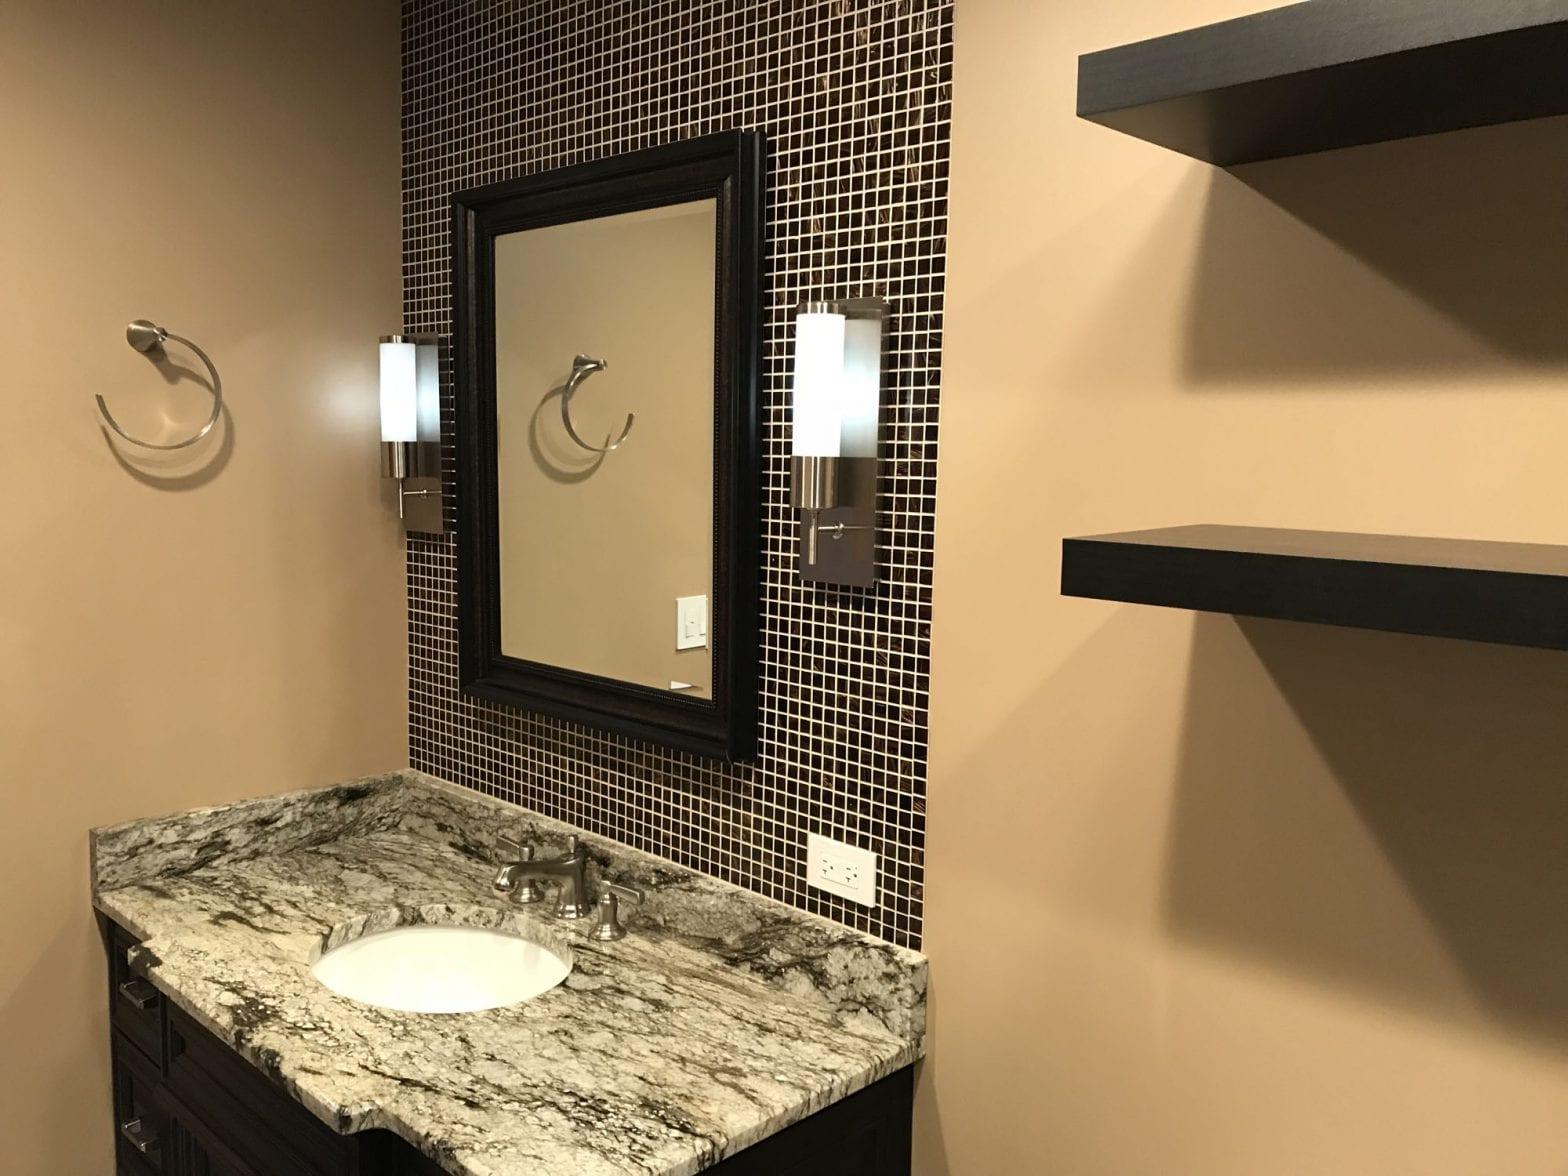 Bathroom Remodeling in South Barrington - tan and dark brown, granite countertop, new shelving